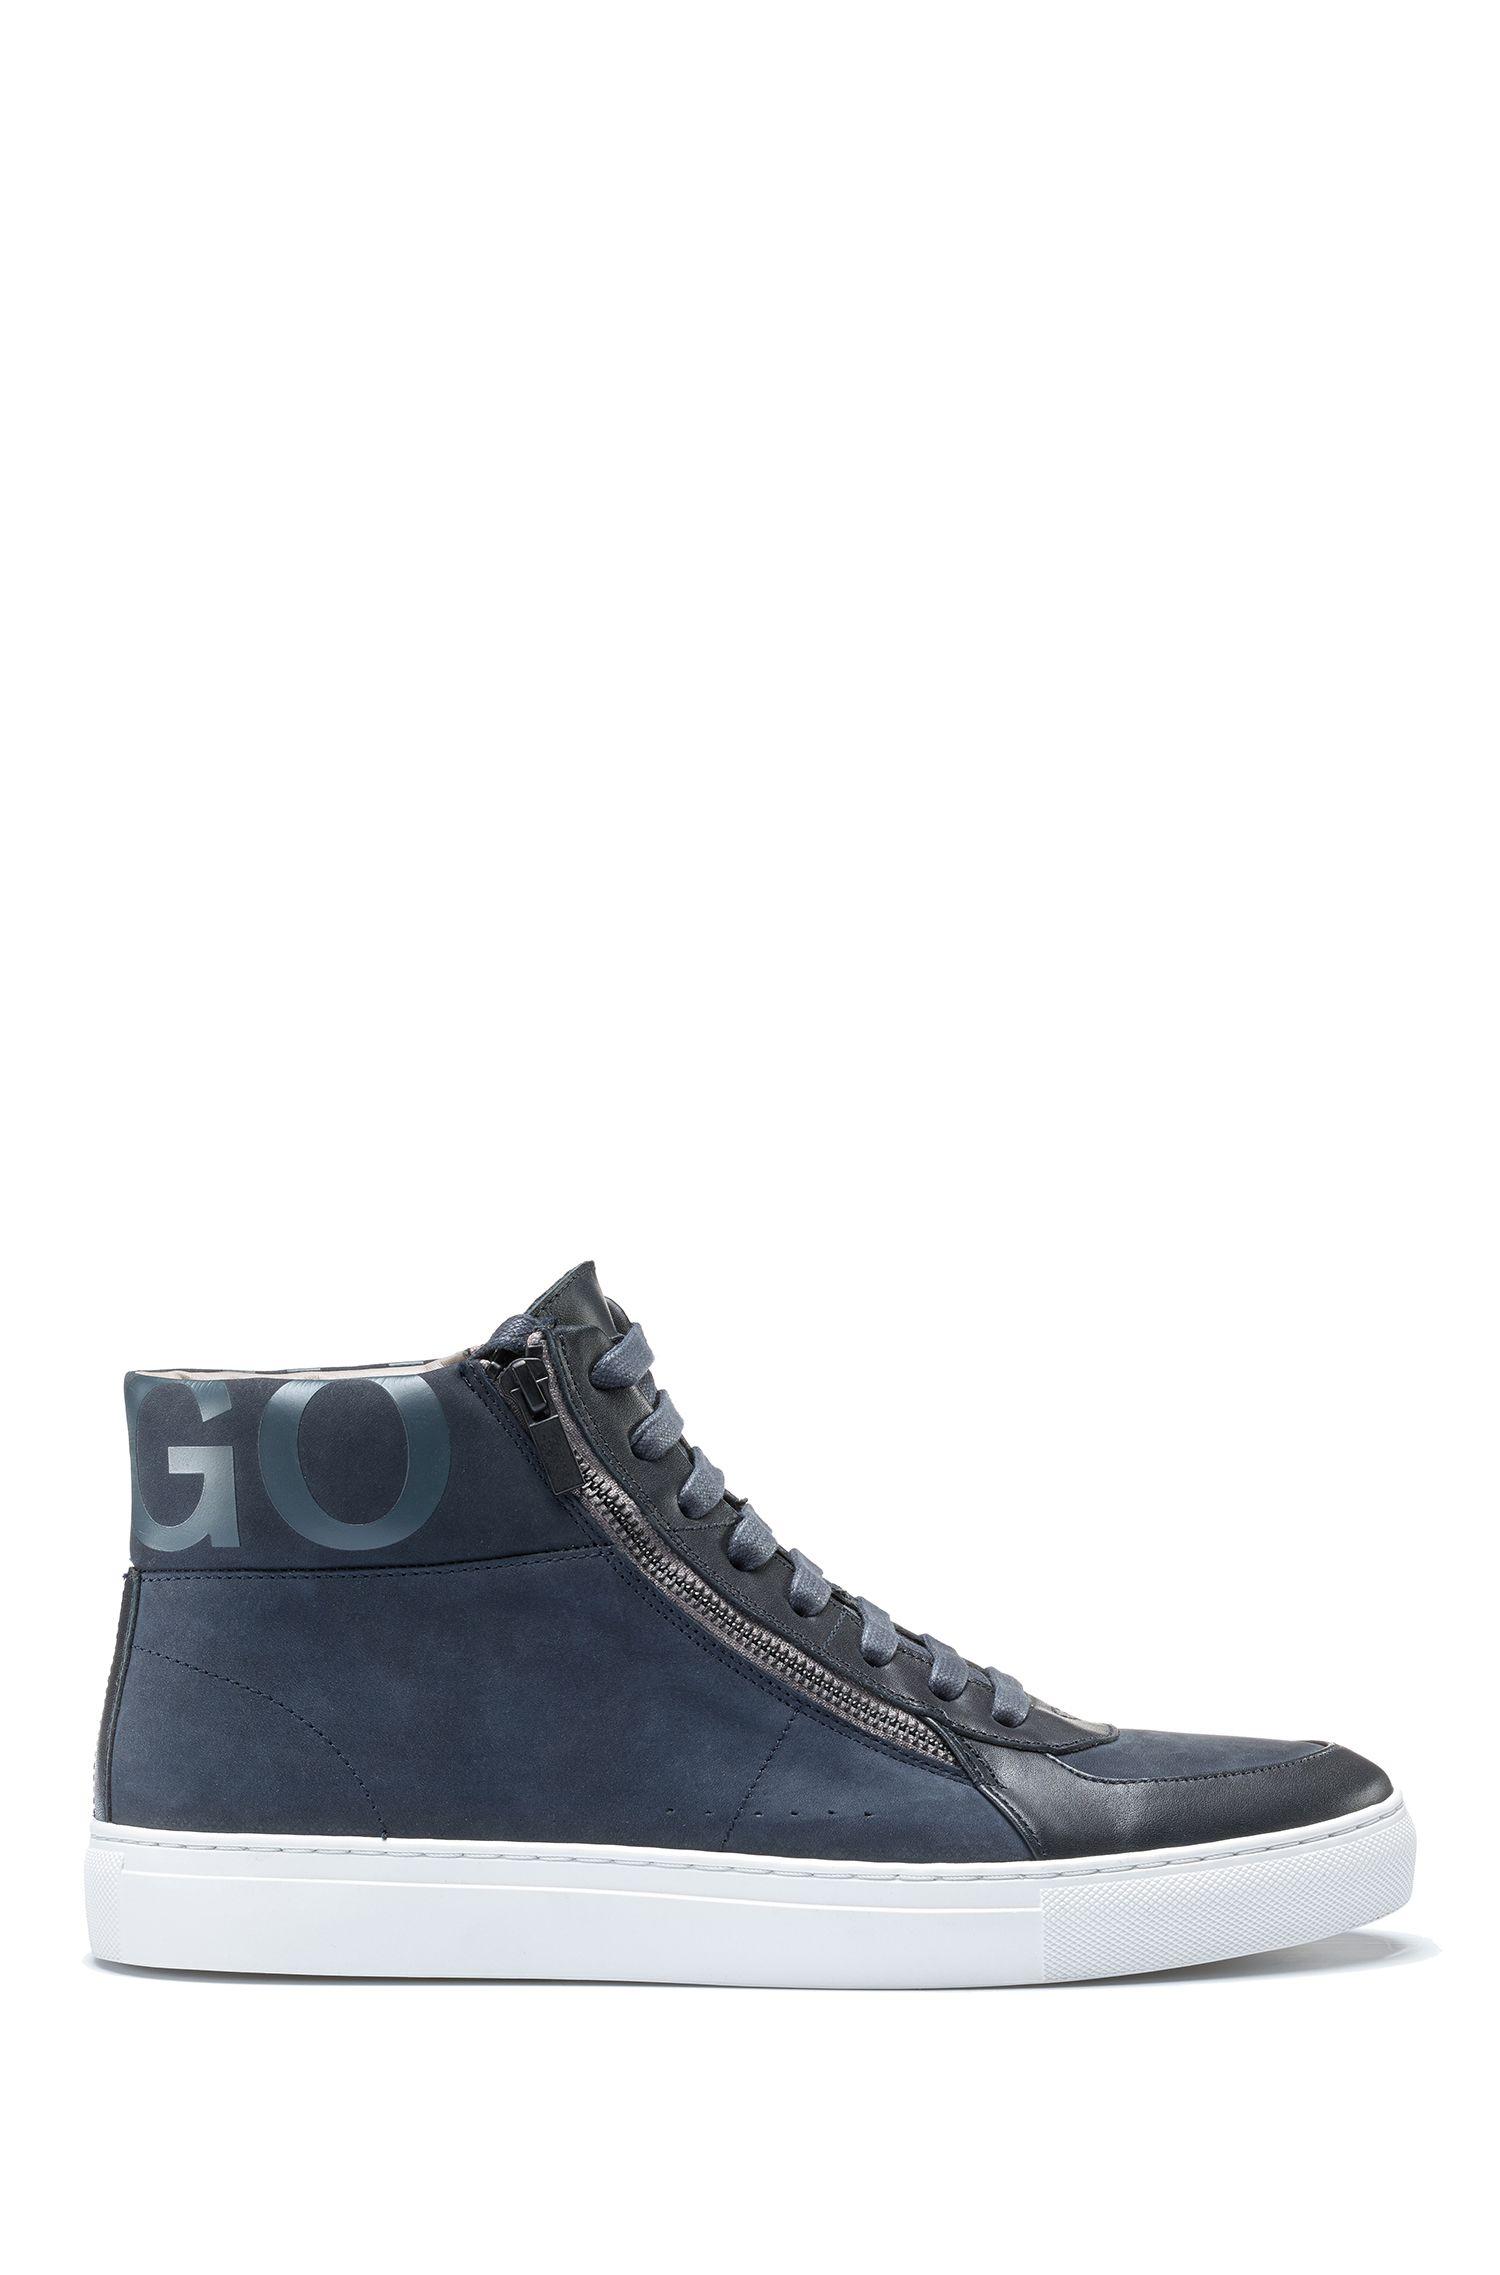 Hightop Sneakers aus Leder mit zwei Reißverschlüssen und Logo am Schaft, Dunkelblau